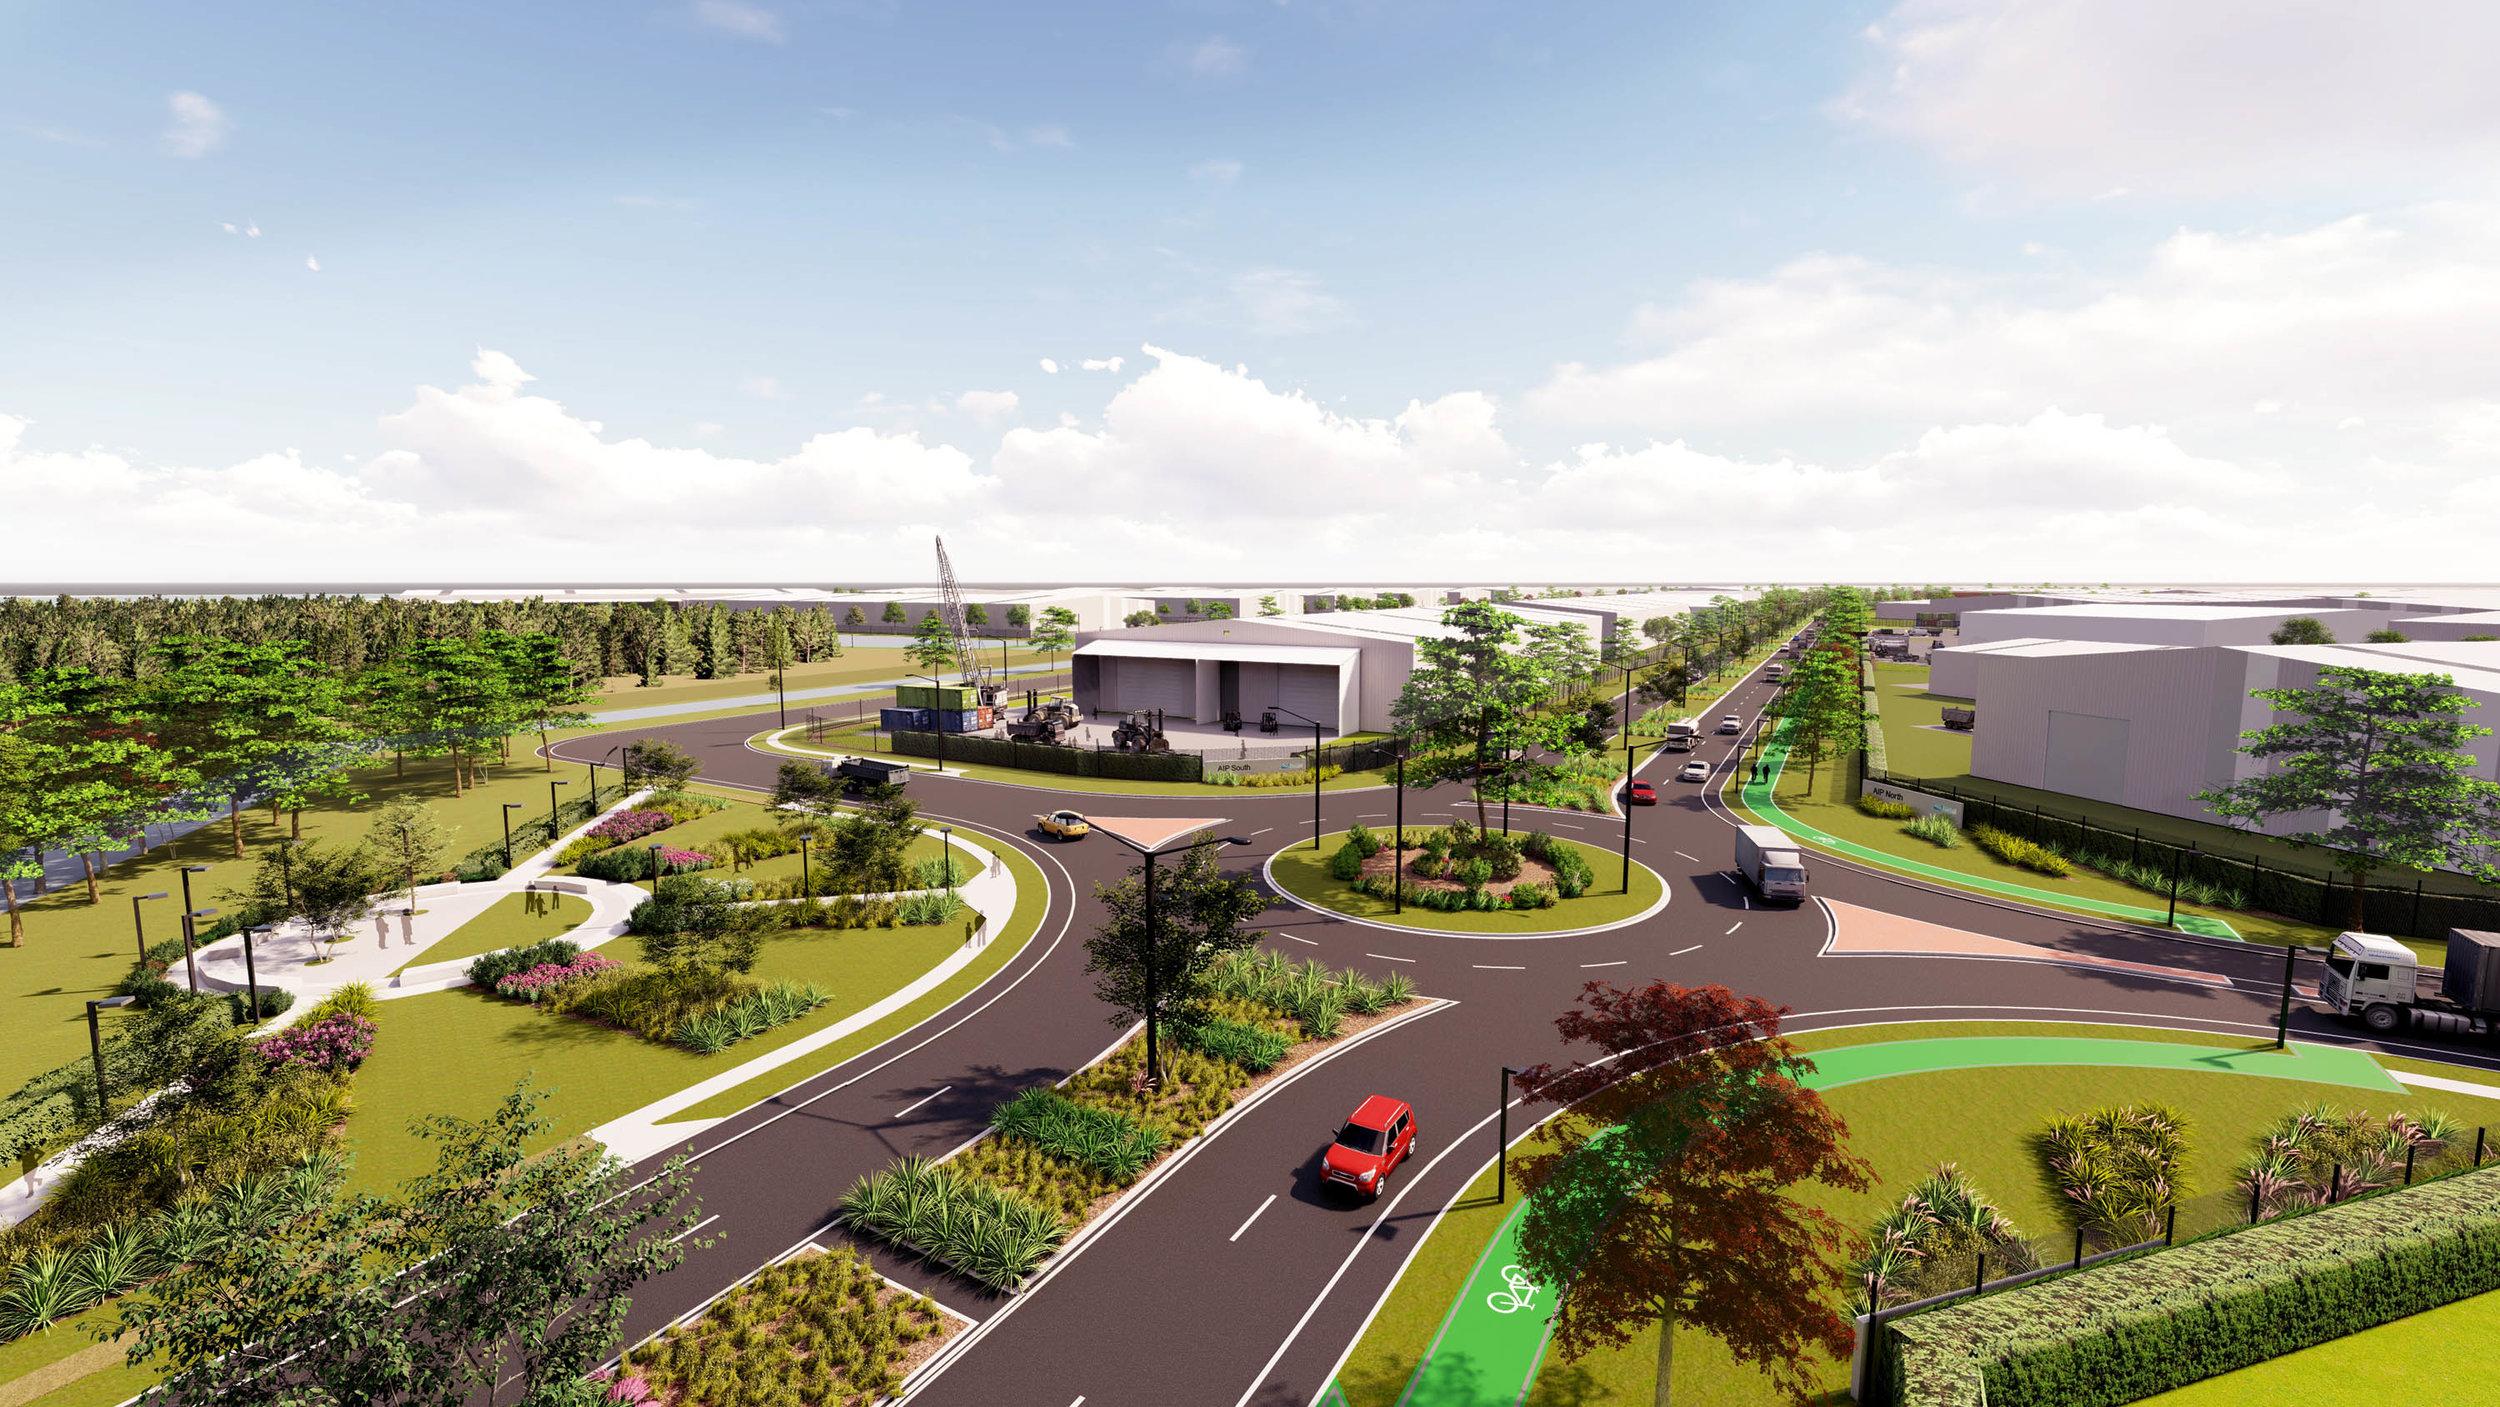 mode-design-bac-airport-master-plan-04.jpg